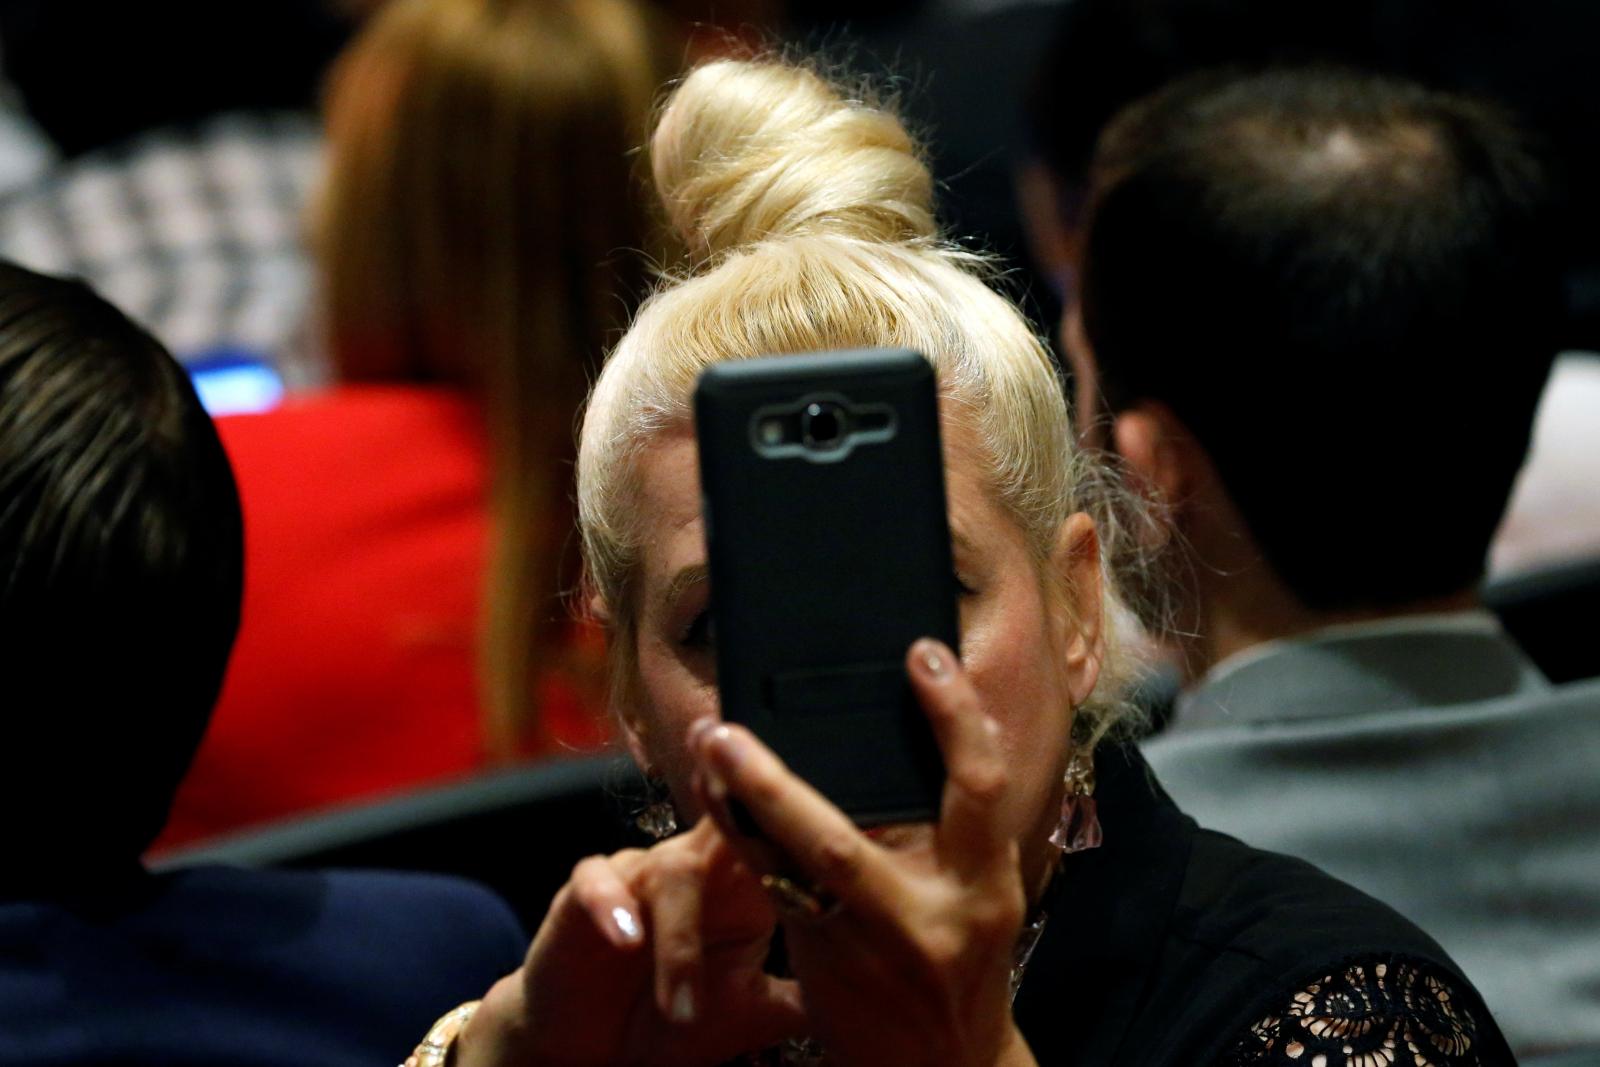 voting booth selfies